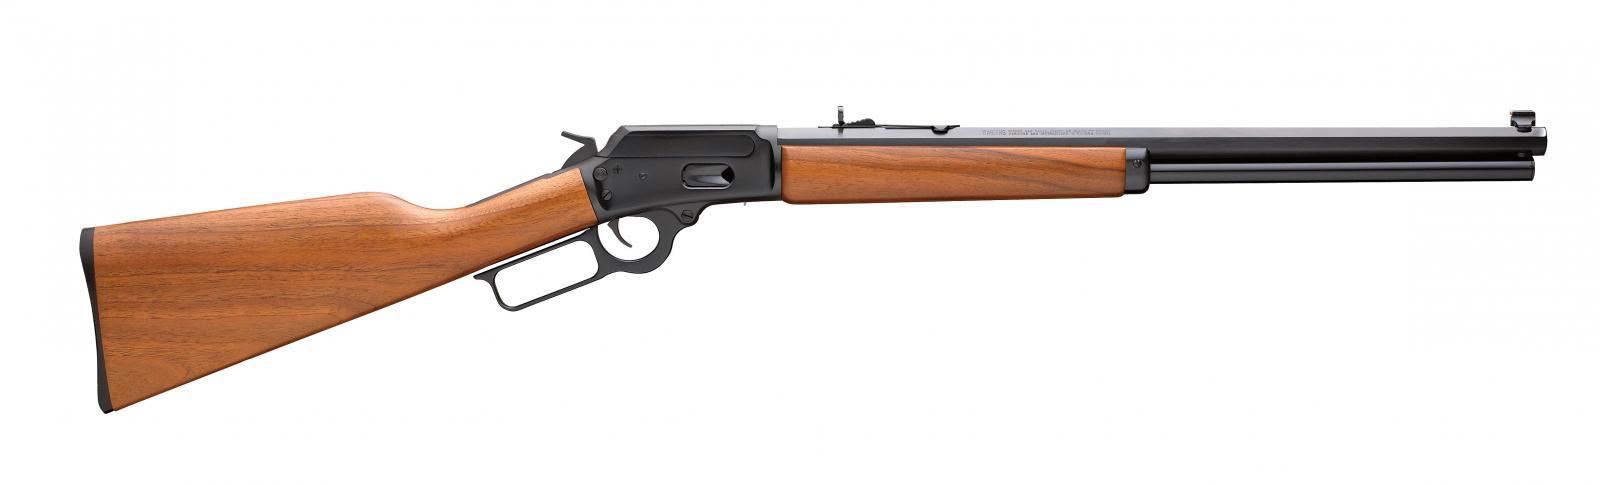 Carabine MARLIN 1894 Cowboy 357MAG